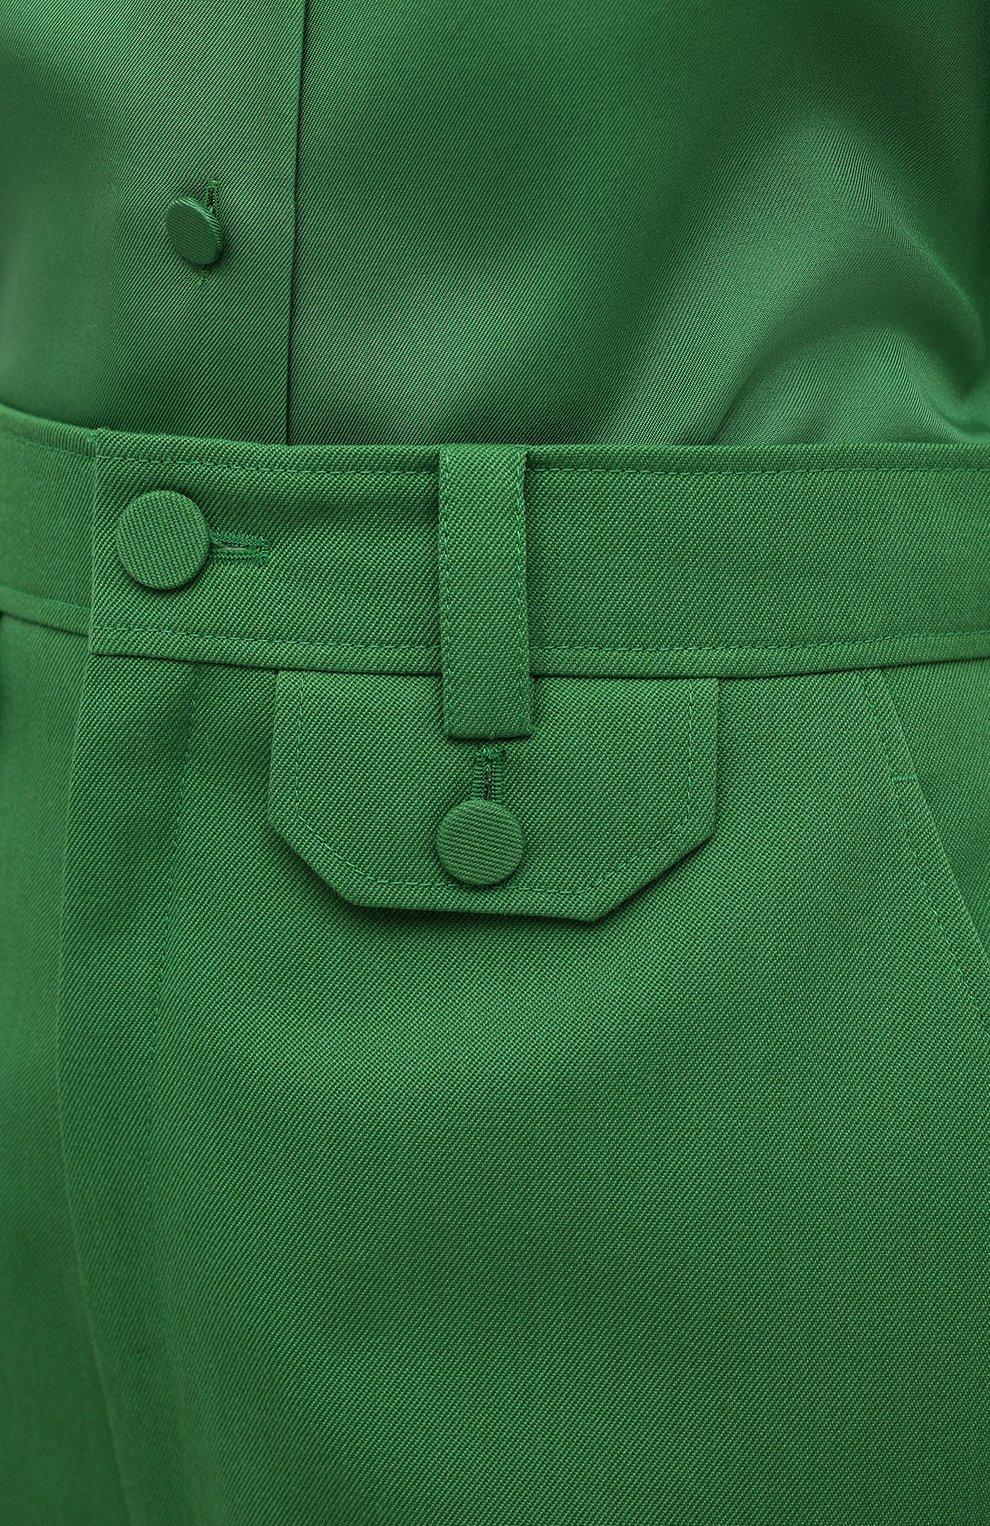 Женские брюки GUCCI зеленого цвета, арт. 643346/ZAFU9   Фото 5 (Материал внешний: Шерсть, Синтетический материал; Длина (брюки, джинсы): Стандартные; Женское Кросс-КТ: Брюки-одежда; Силуэт Ж (брюки и джинсы): Расклешенные; Стили: Романтичный)